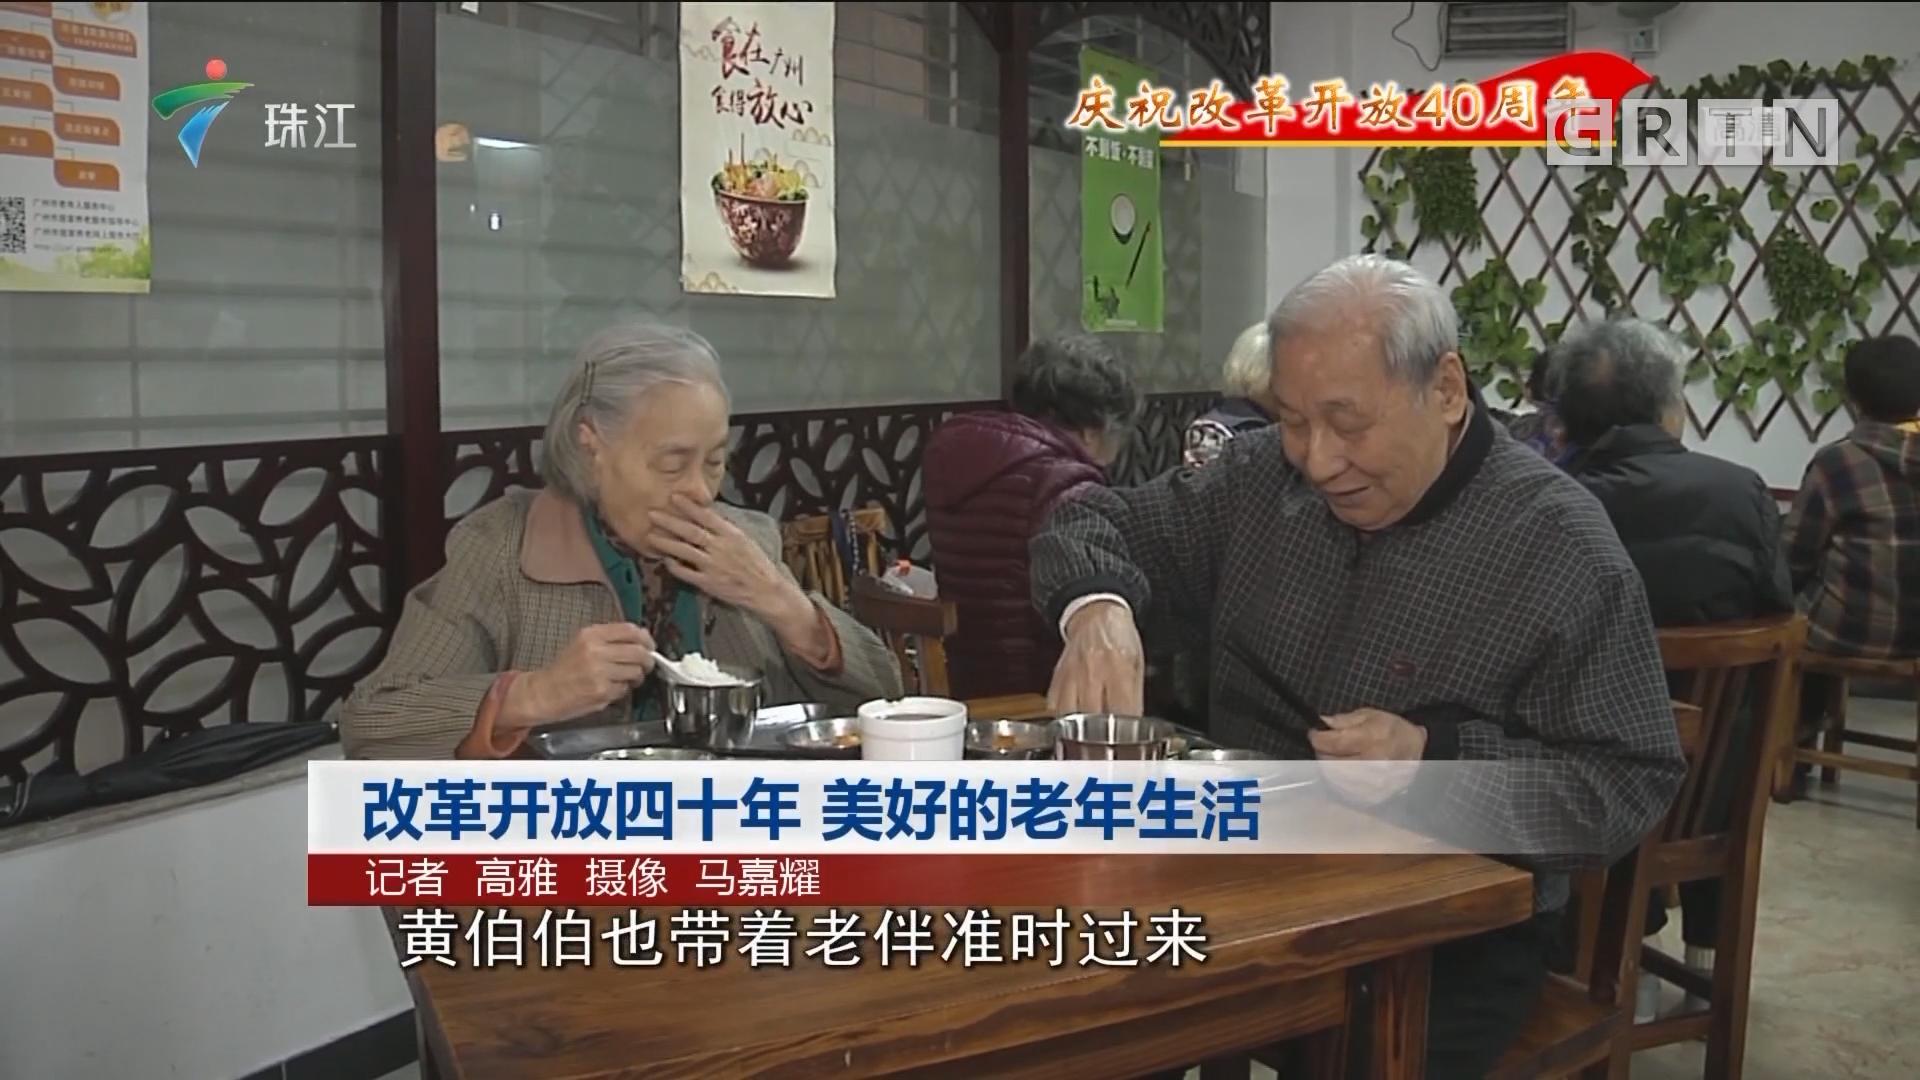 改革开放四十年 美好的老年生活